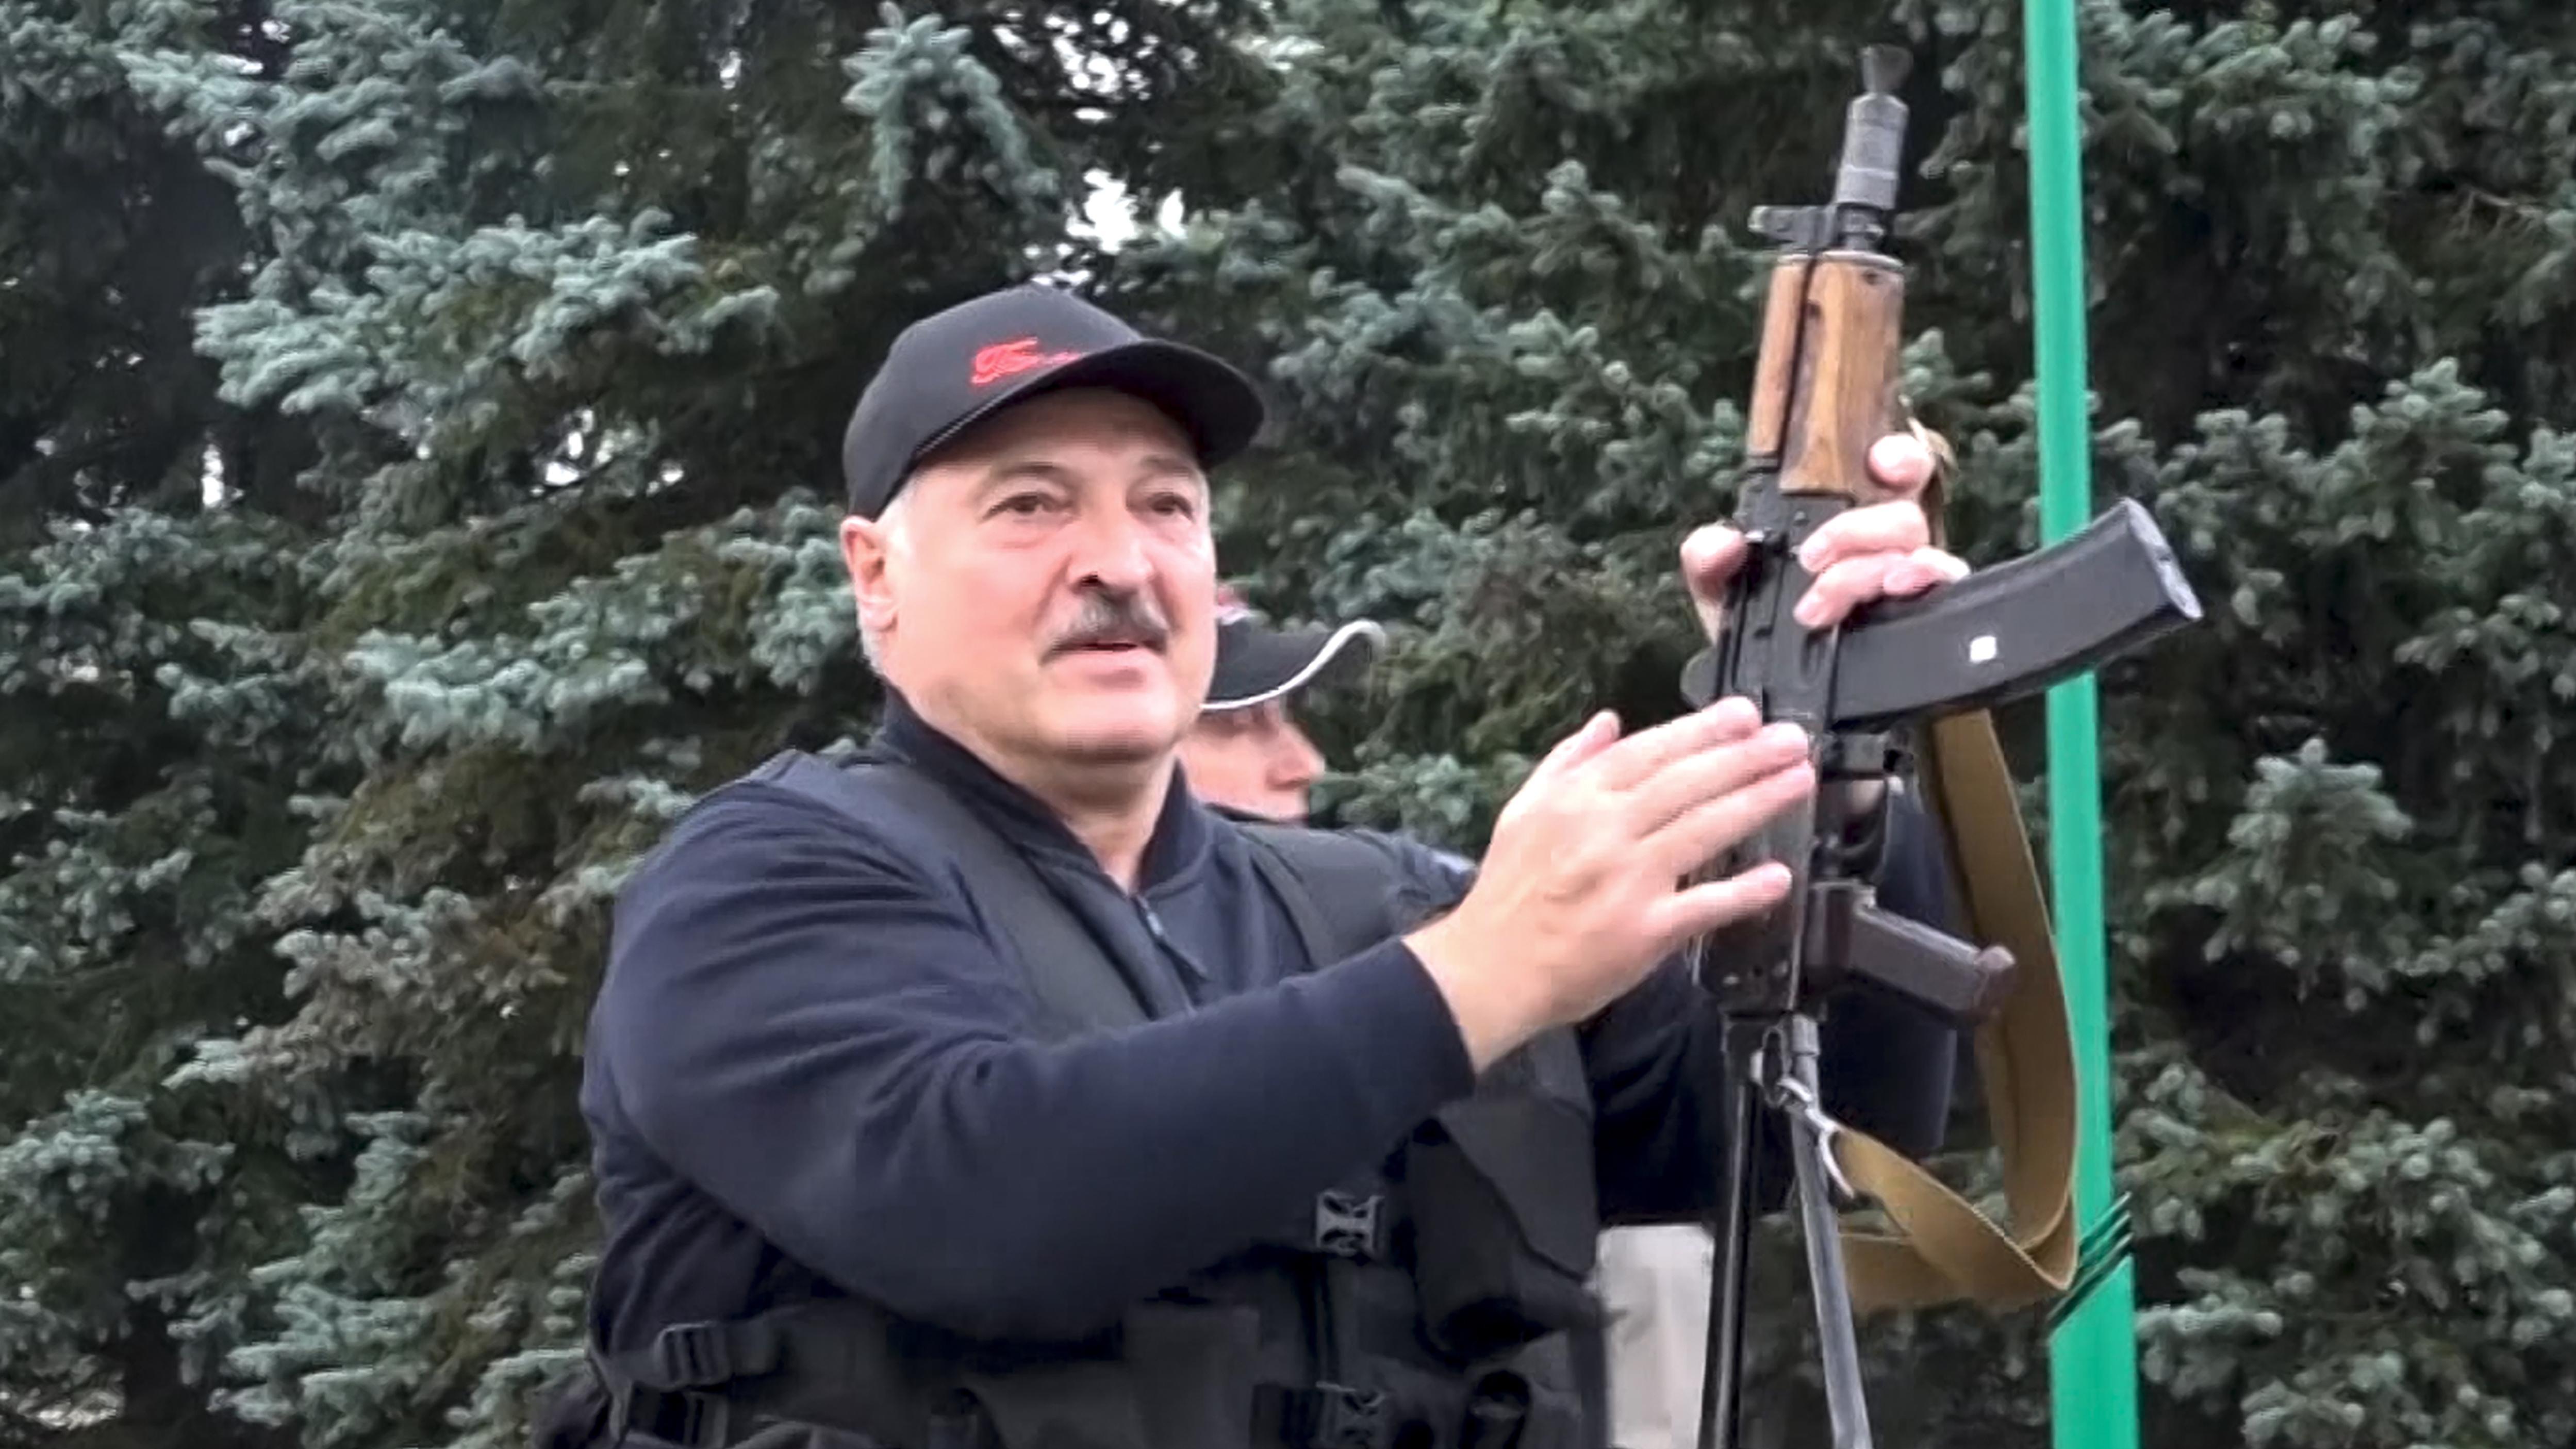 Machthaber Lukaschenko liebt Waffen und setzt seinen Willen auch mit Gewalt durch